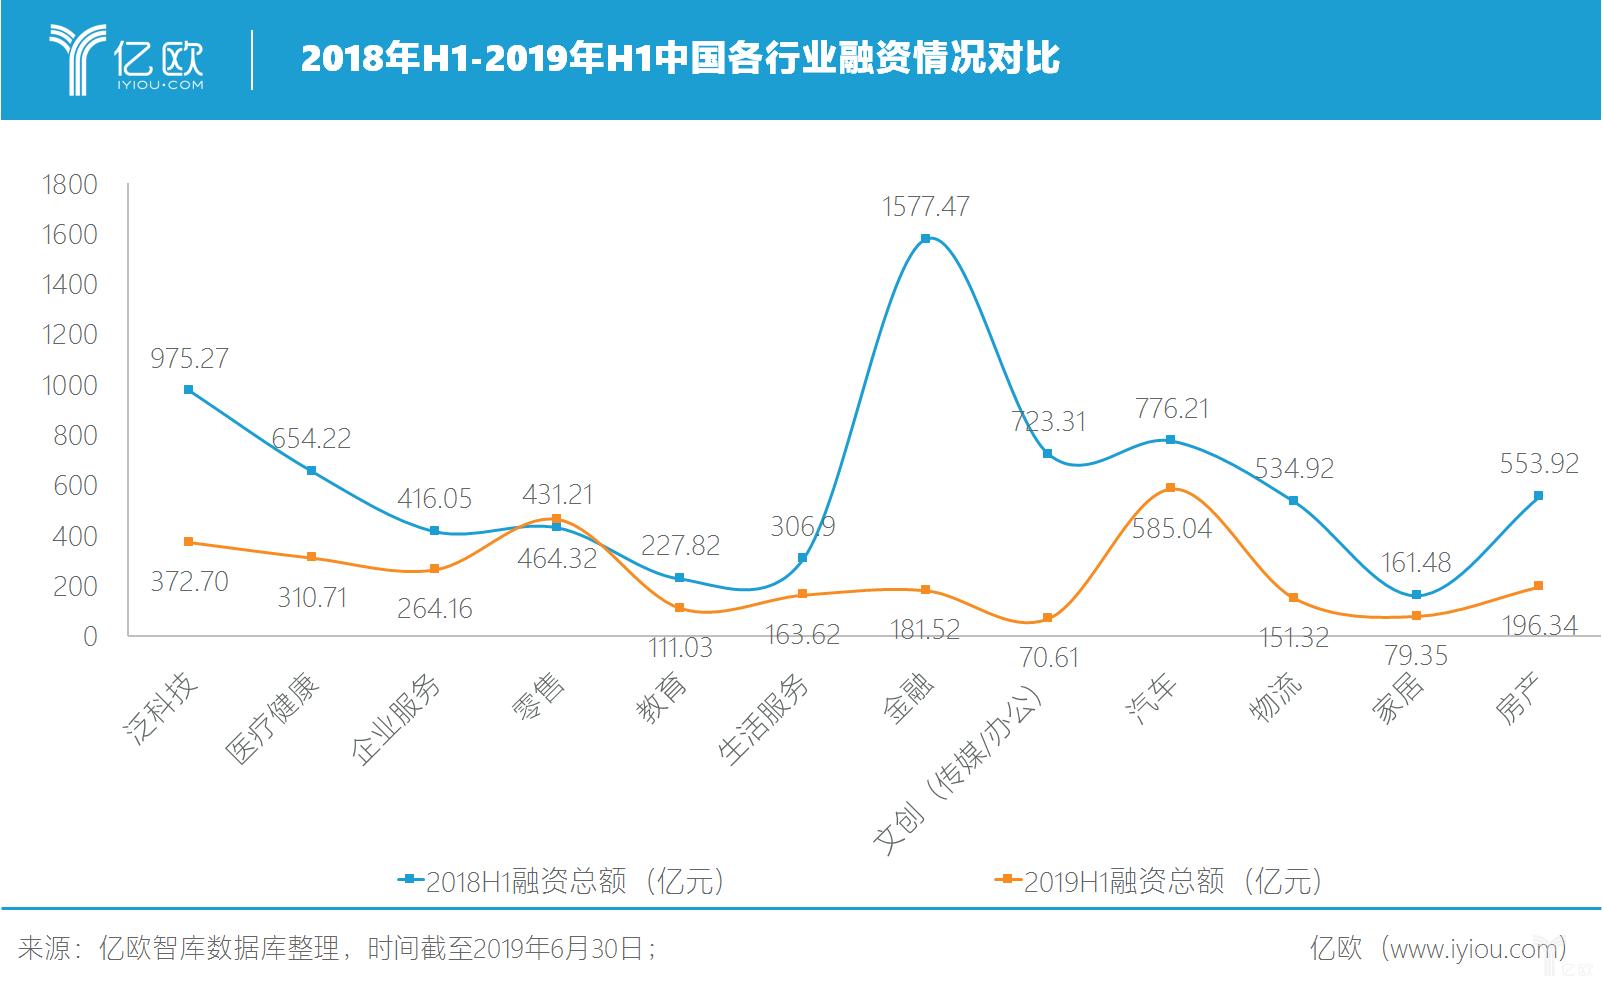 2018年H1-2019年H1中国各行业融资情况对比